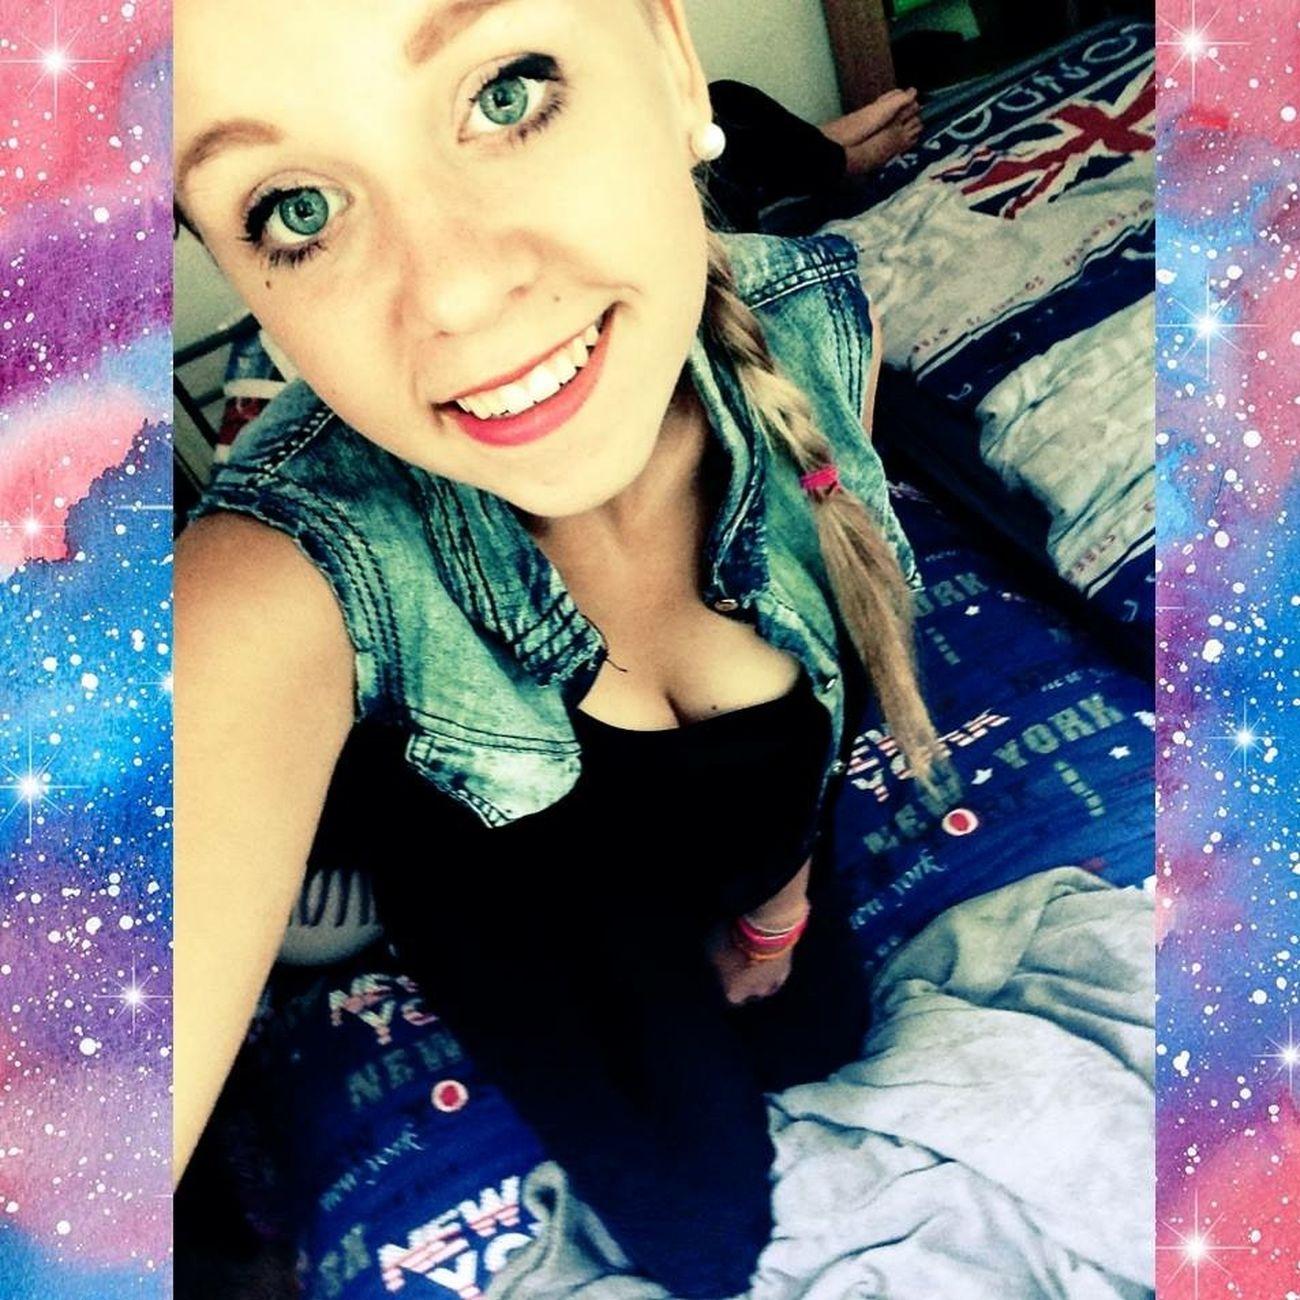 Méfie toi de ce sourire sourire d'ange un démon ce cache deriere👊. Kevin Mon Bonheur🔐💖